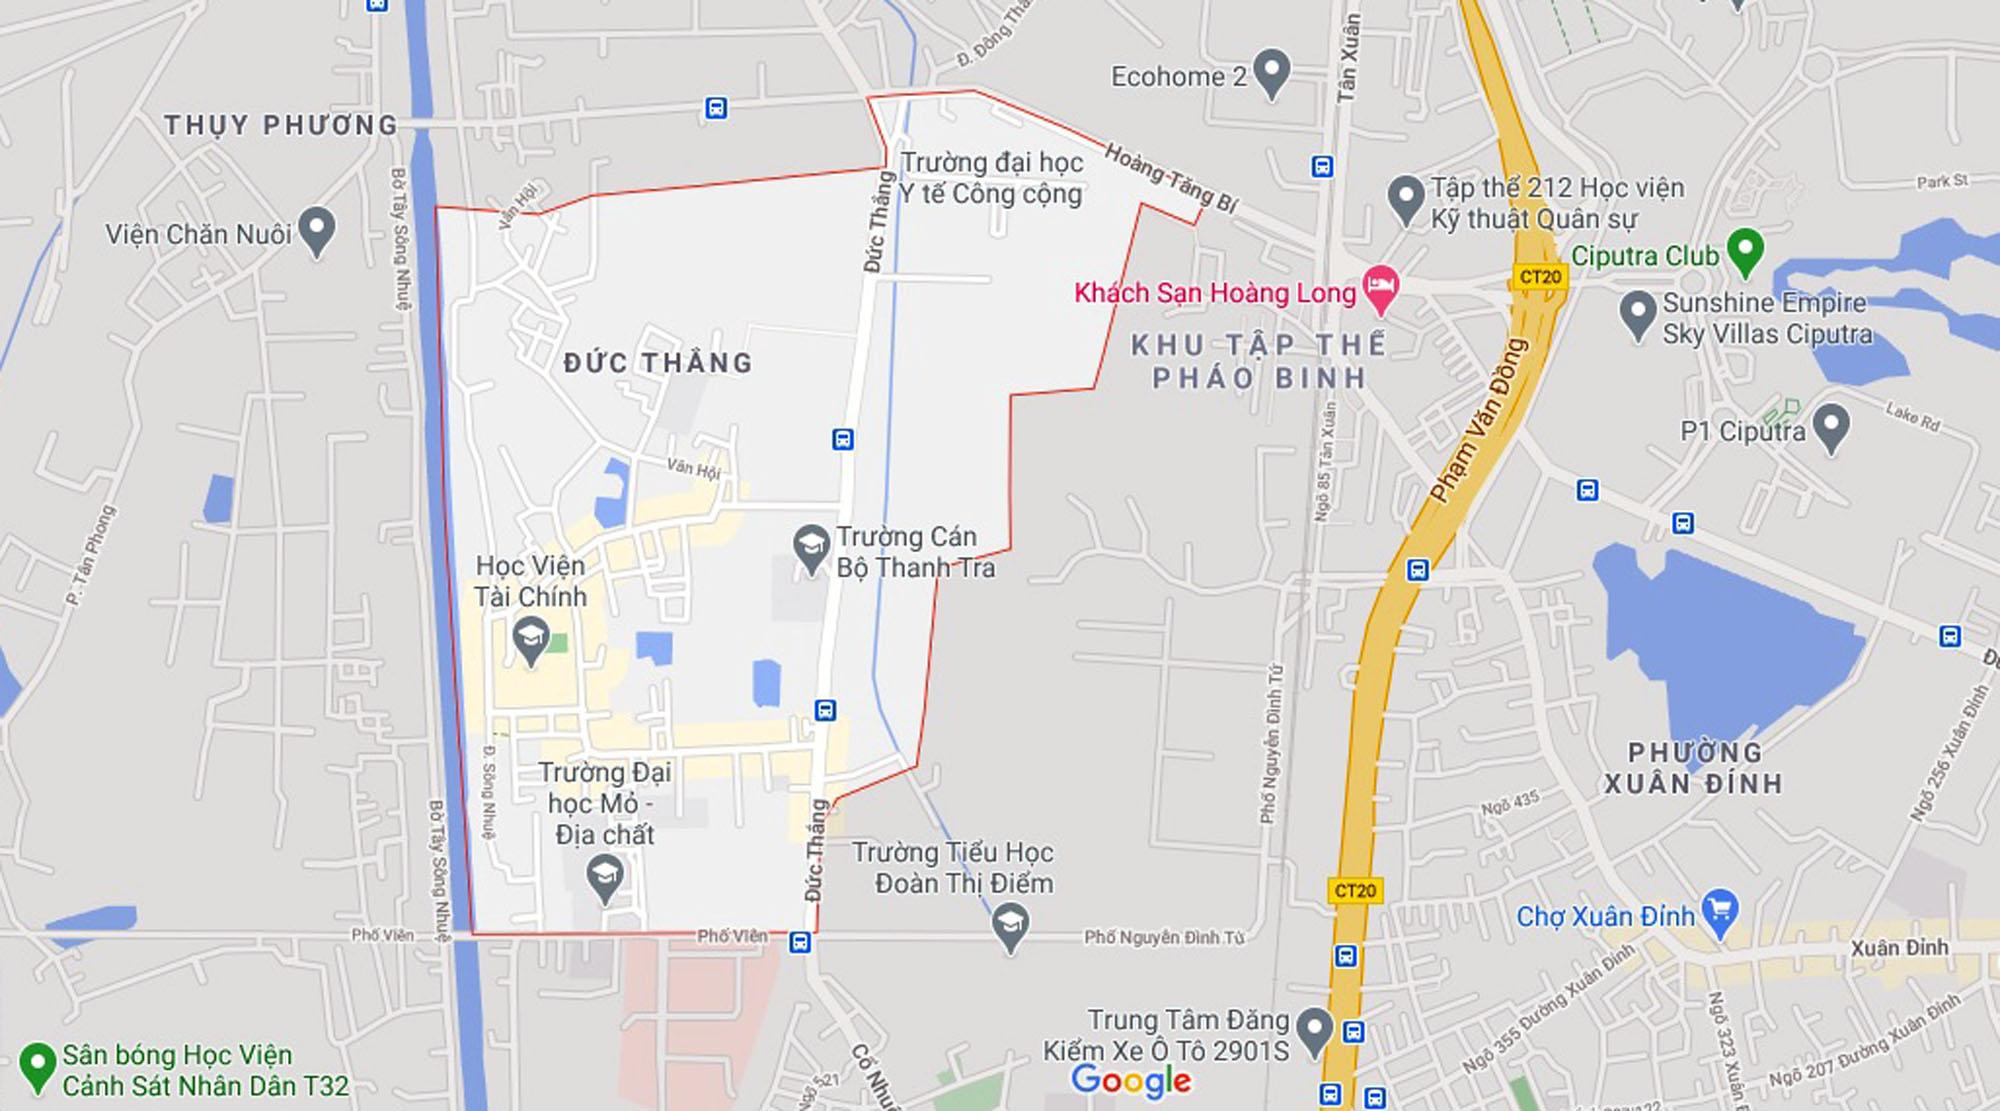 Ba đường sẽ mở theo qui hoạch ở phường Đức Thắng, Bắc Từ Liêm, Hà Nội (phần 2) - Ảnh 1.